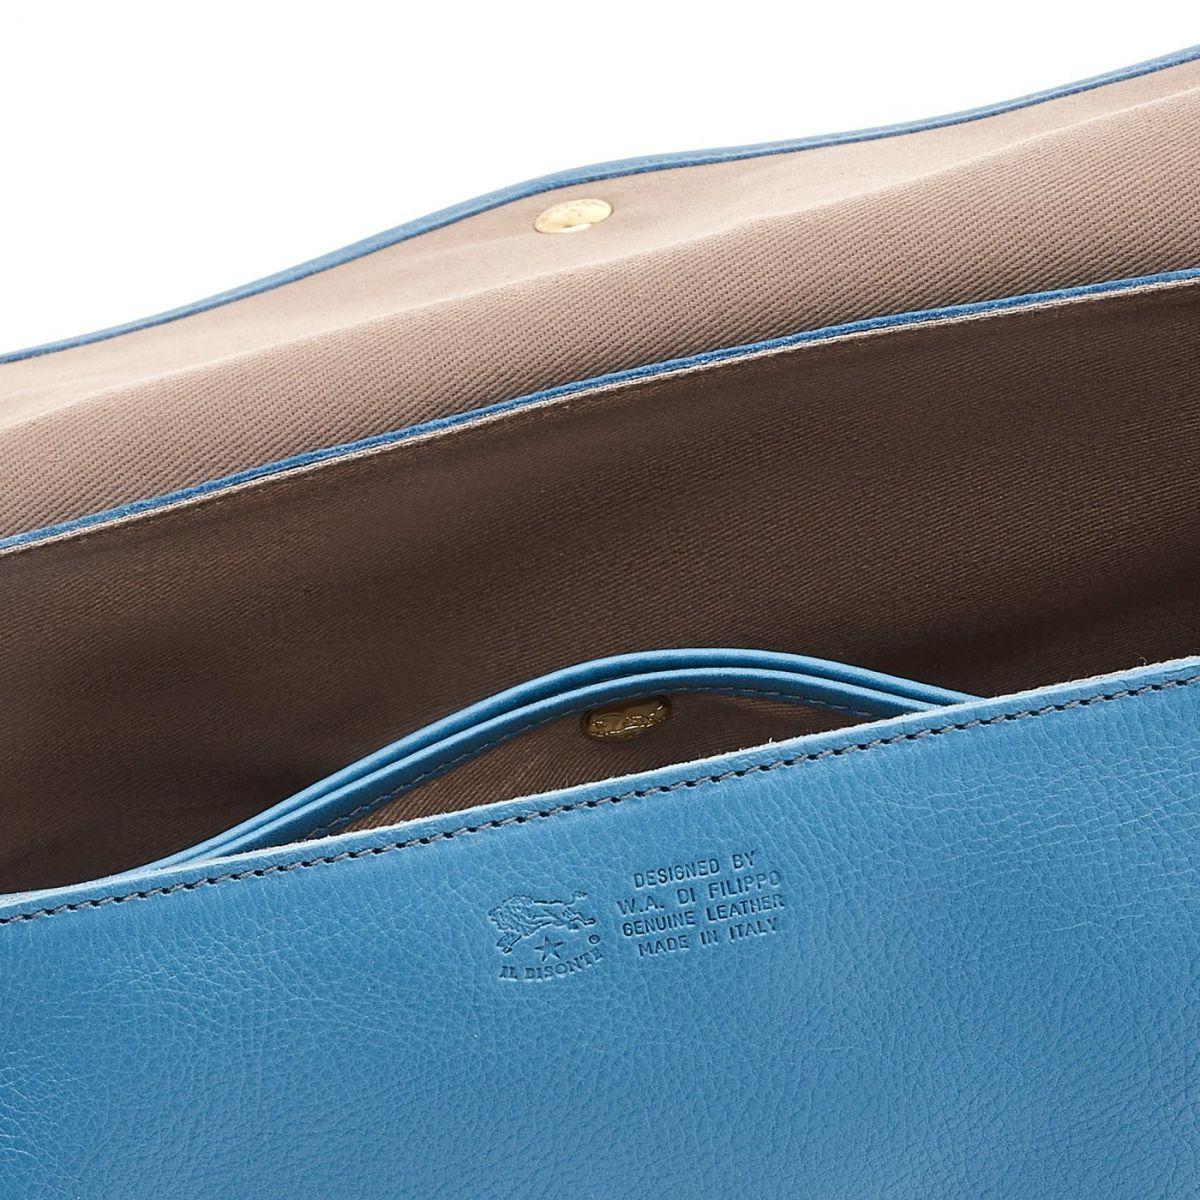 Women's Shoulder Bag in Cowhide Leather color Blue Teal - BSH034 | Details